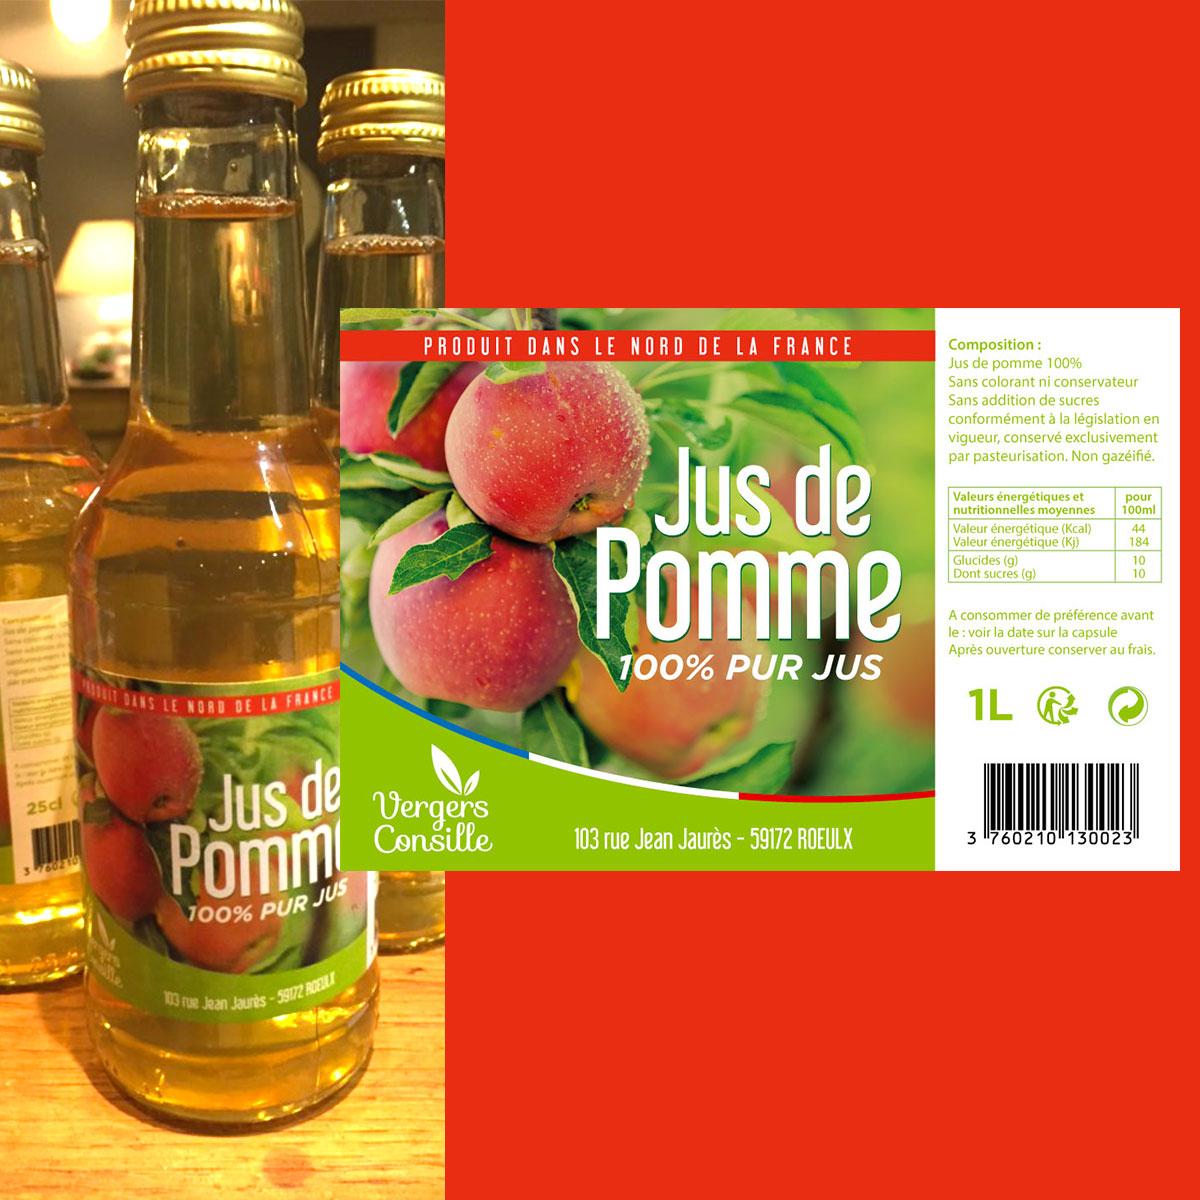 vergers-consille-etiquette-jus-pomme